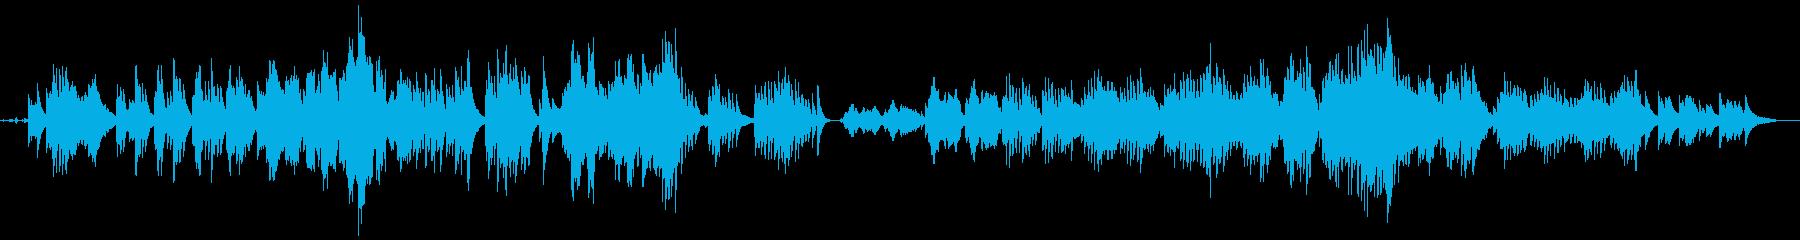 「ピアノ主旋律の癒し系楽曲」の再生済みの波形